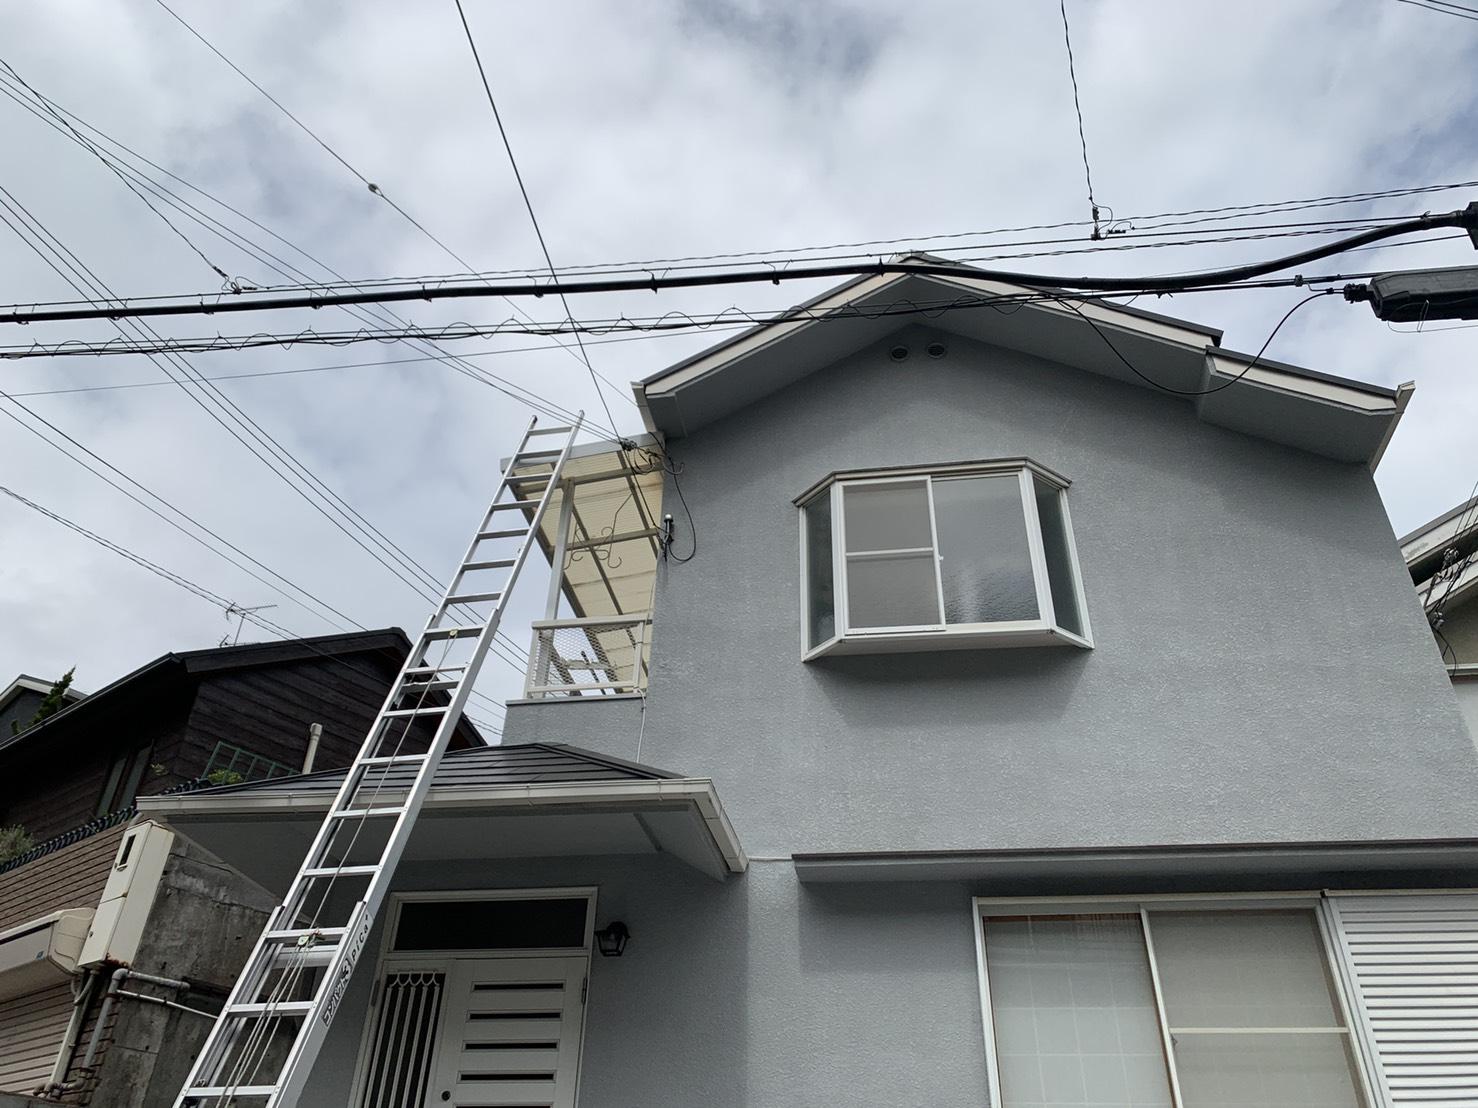 神戸市長田区での雨漏りの原因を調べるために屋根に梯子を掛けた様子